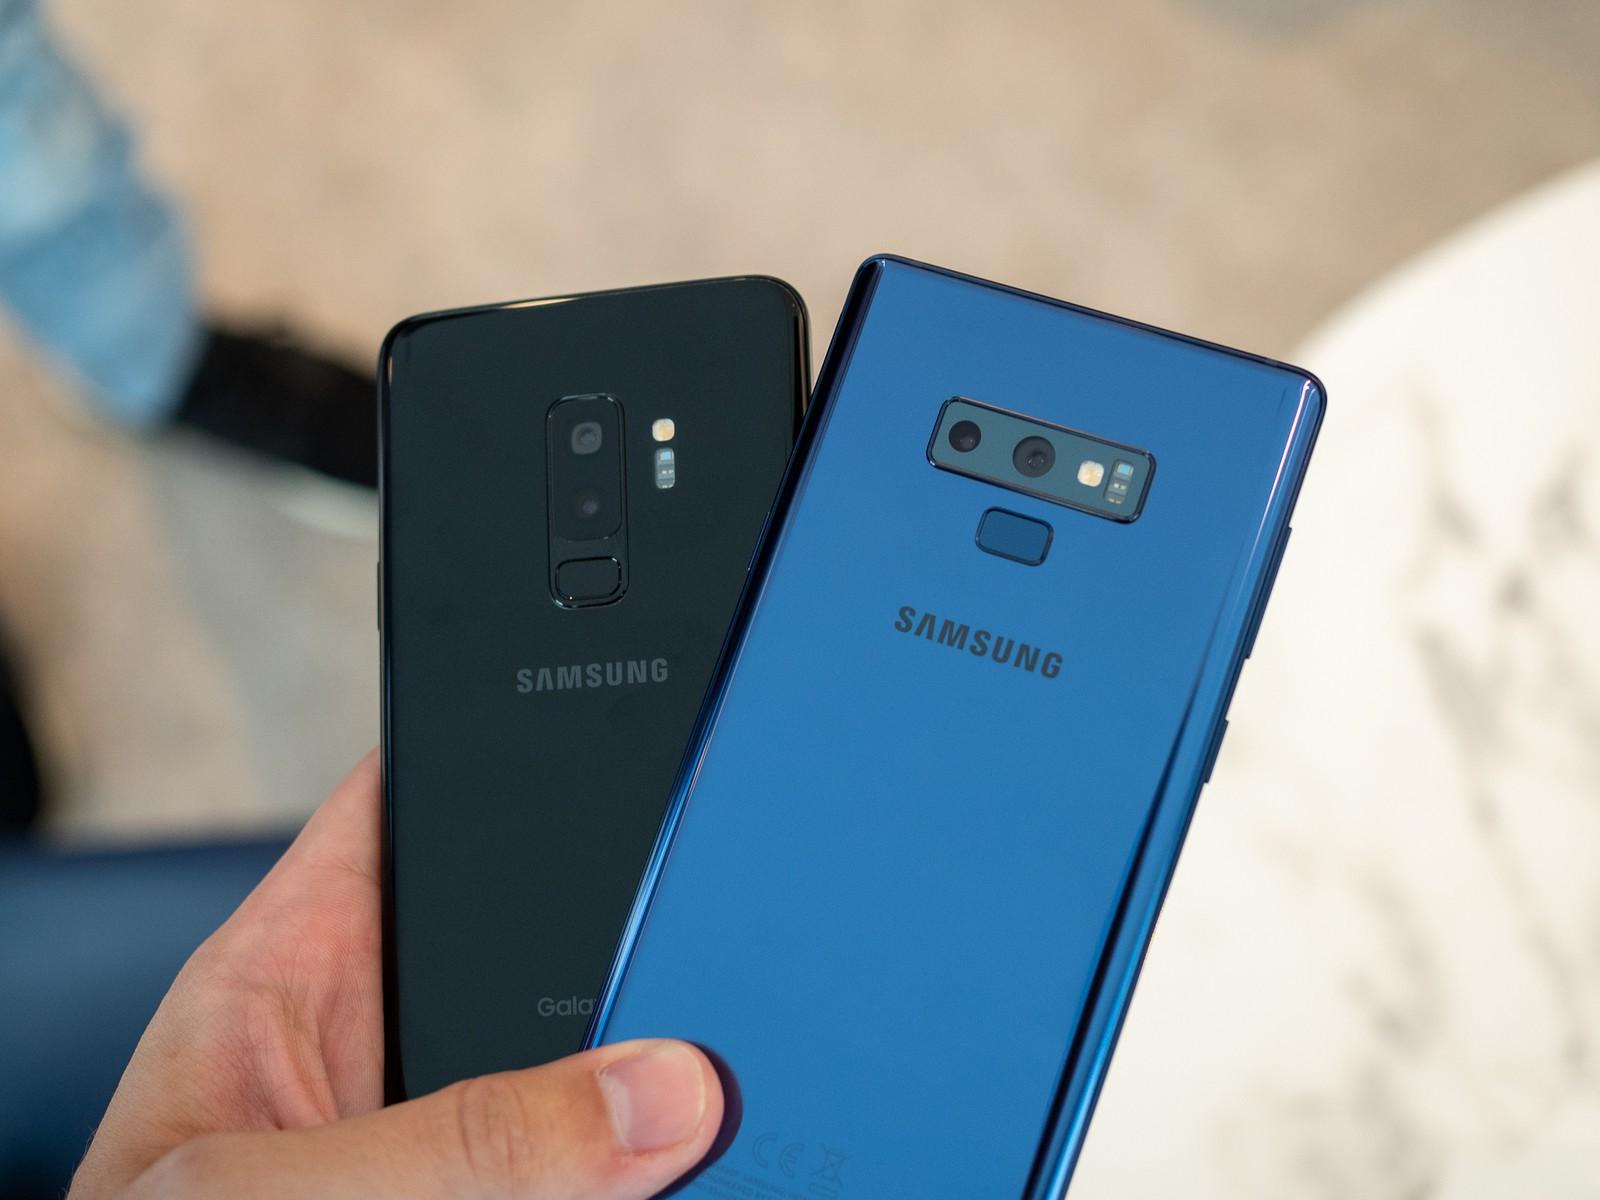 La pantalla plegable tendrá una diagonal de 7,3 pulgadas — Samsung Galaxy F